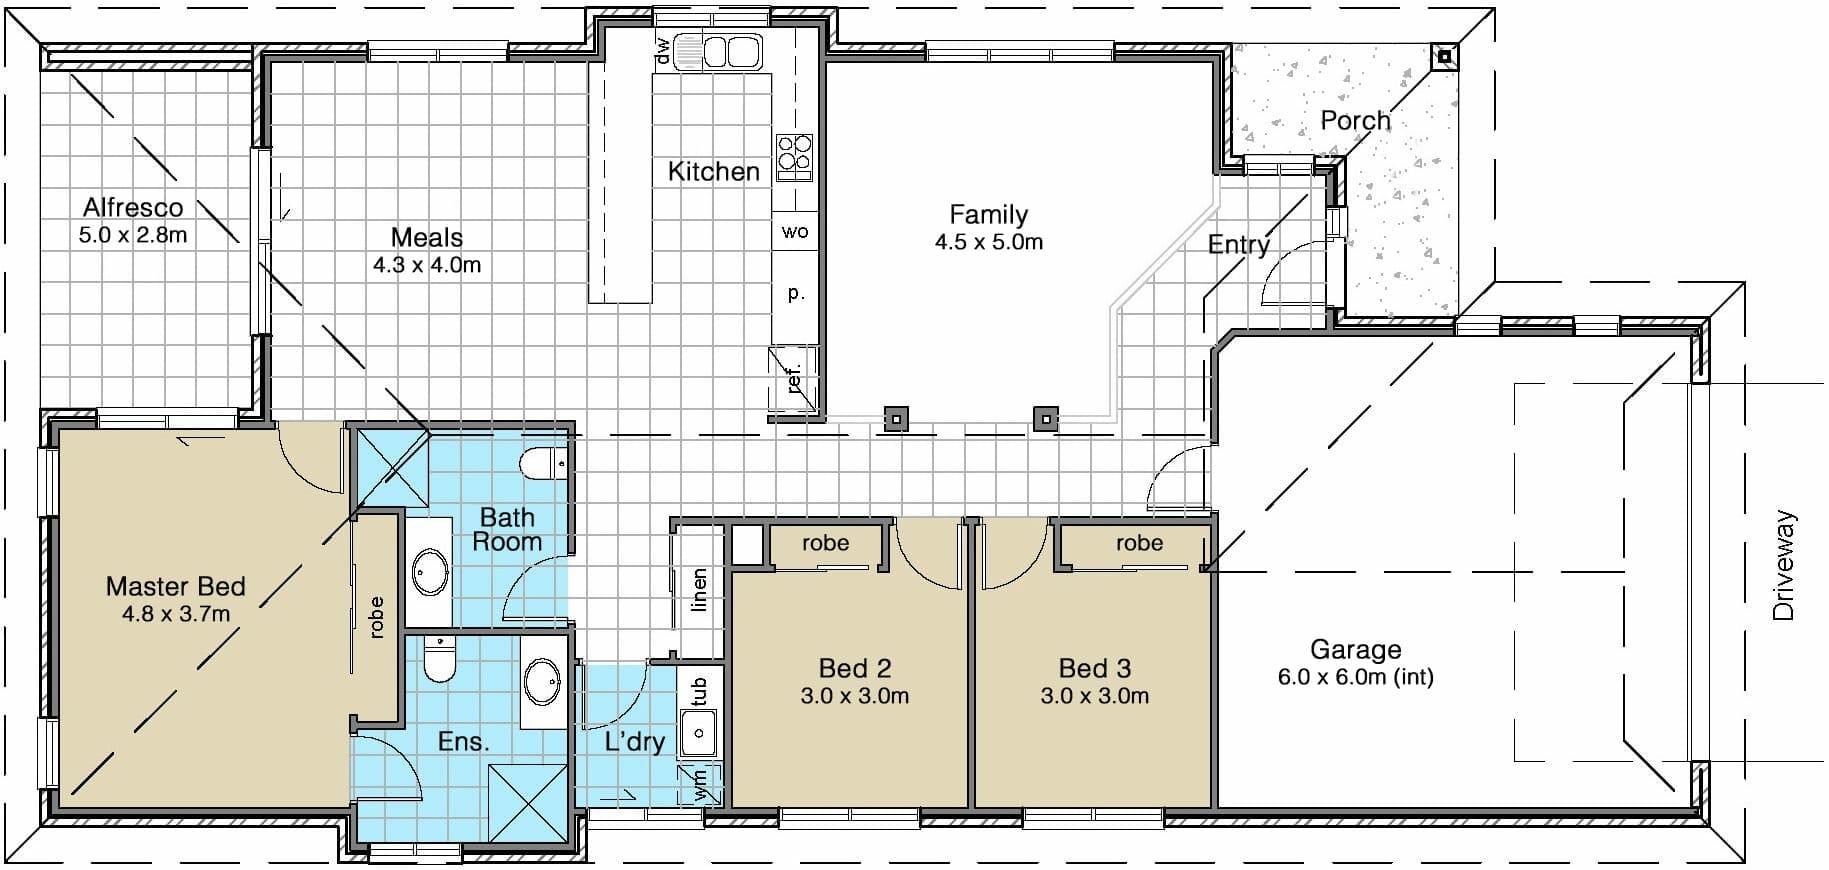 st-andrews-floor-plan